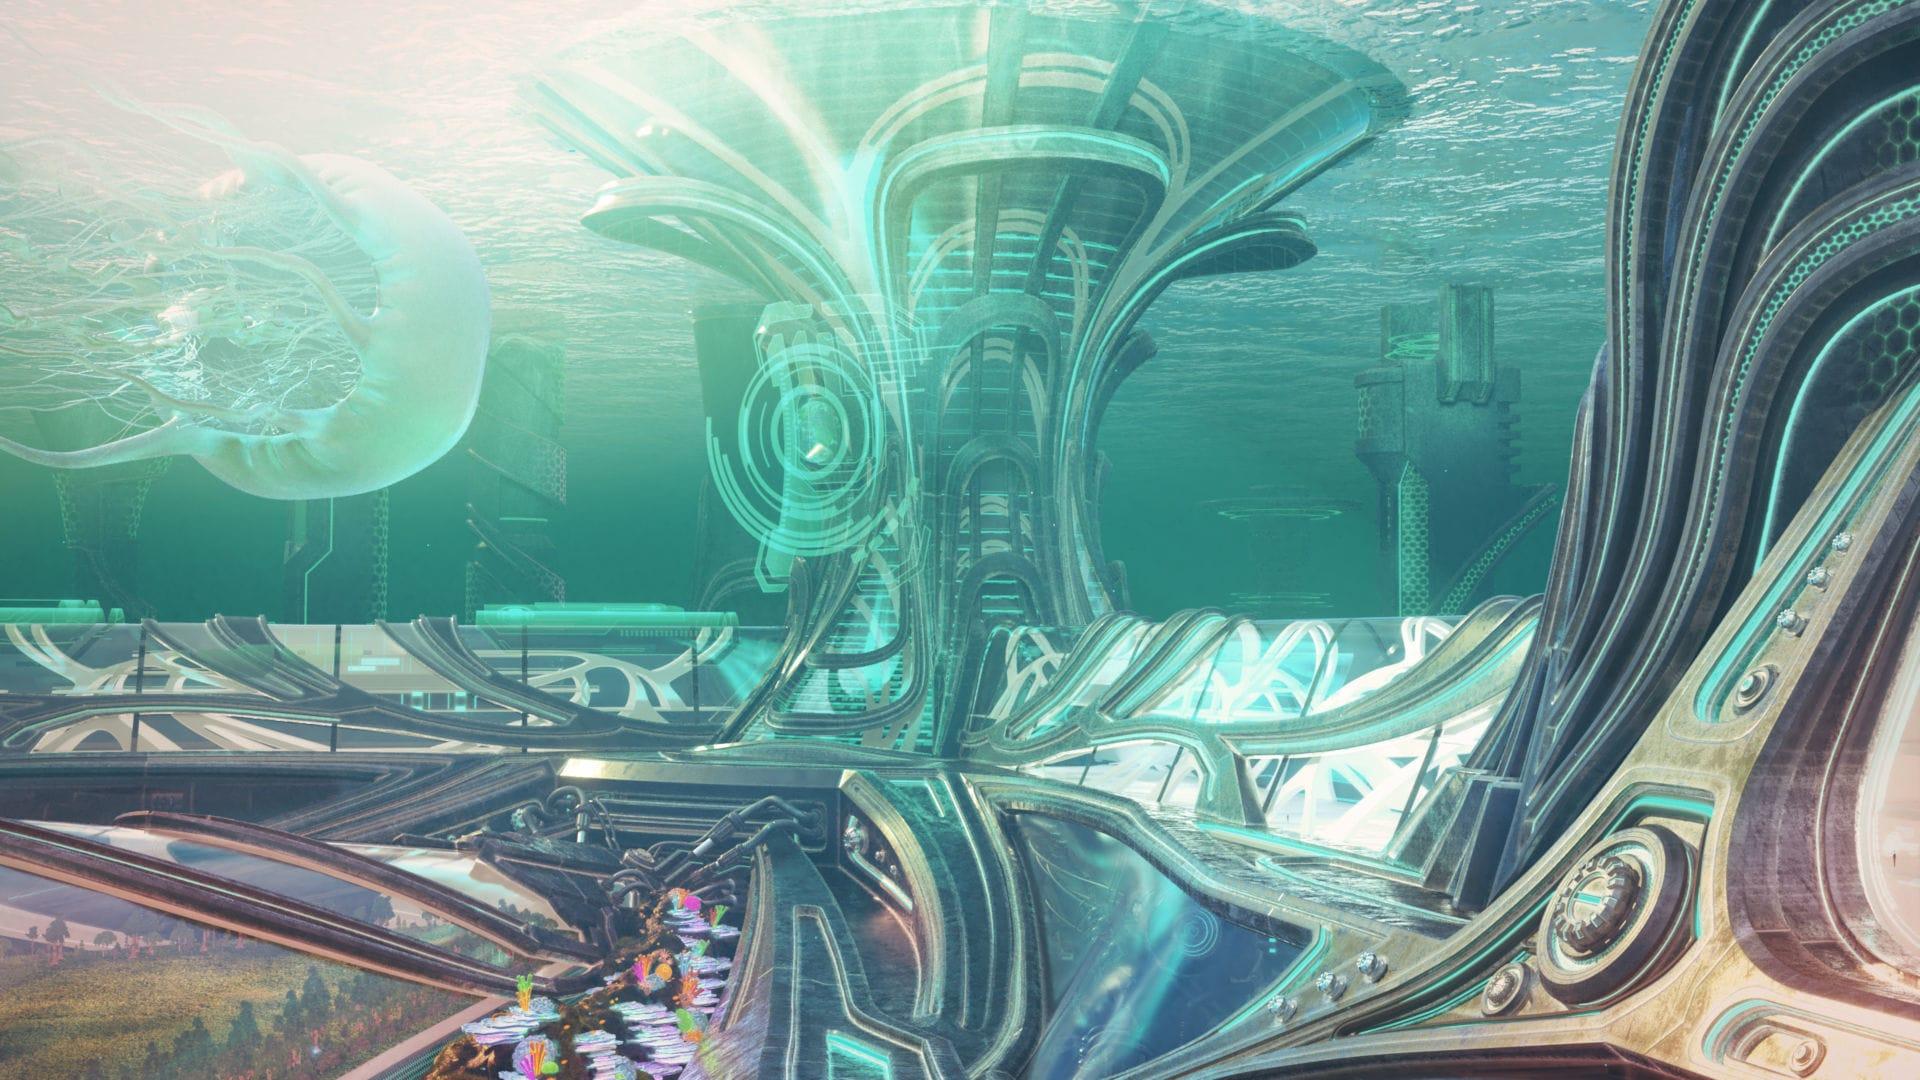 Étrangers sur Terre... Et dans les mers [Mister Miracle] Submarine_City_upload-compressed